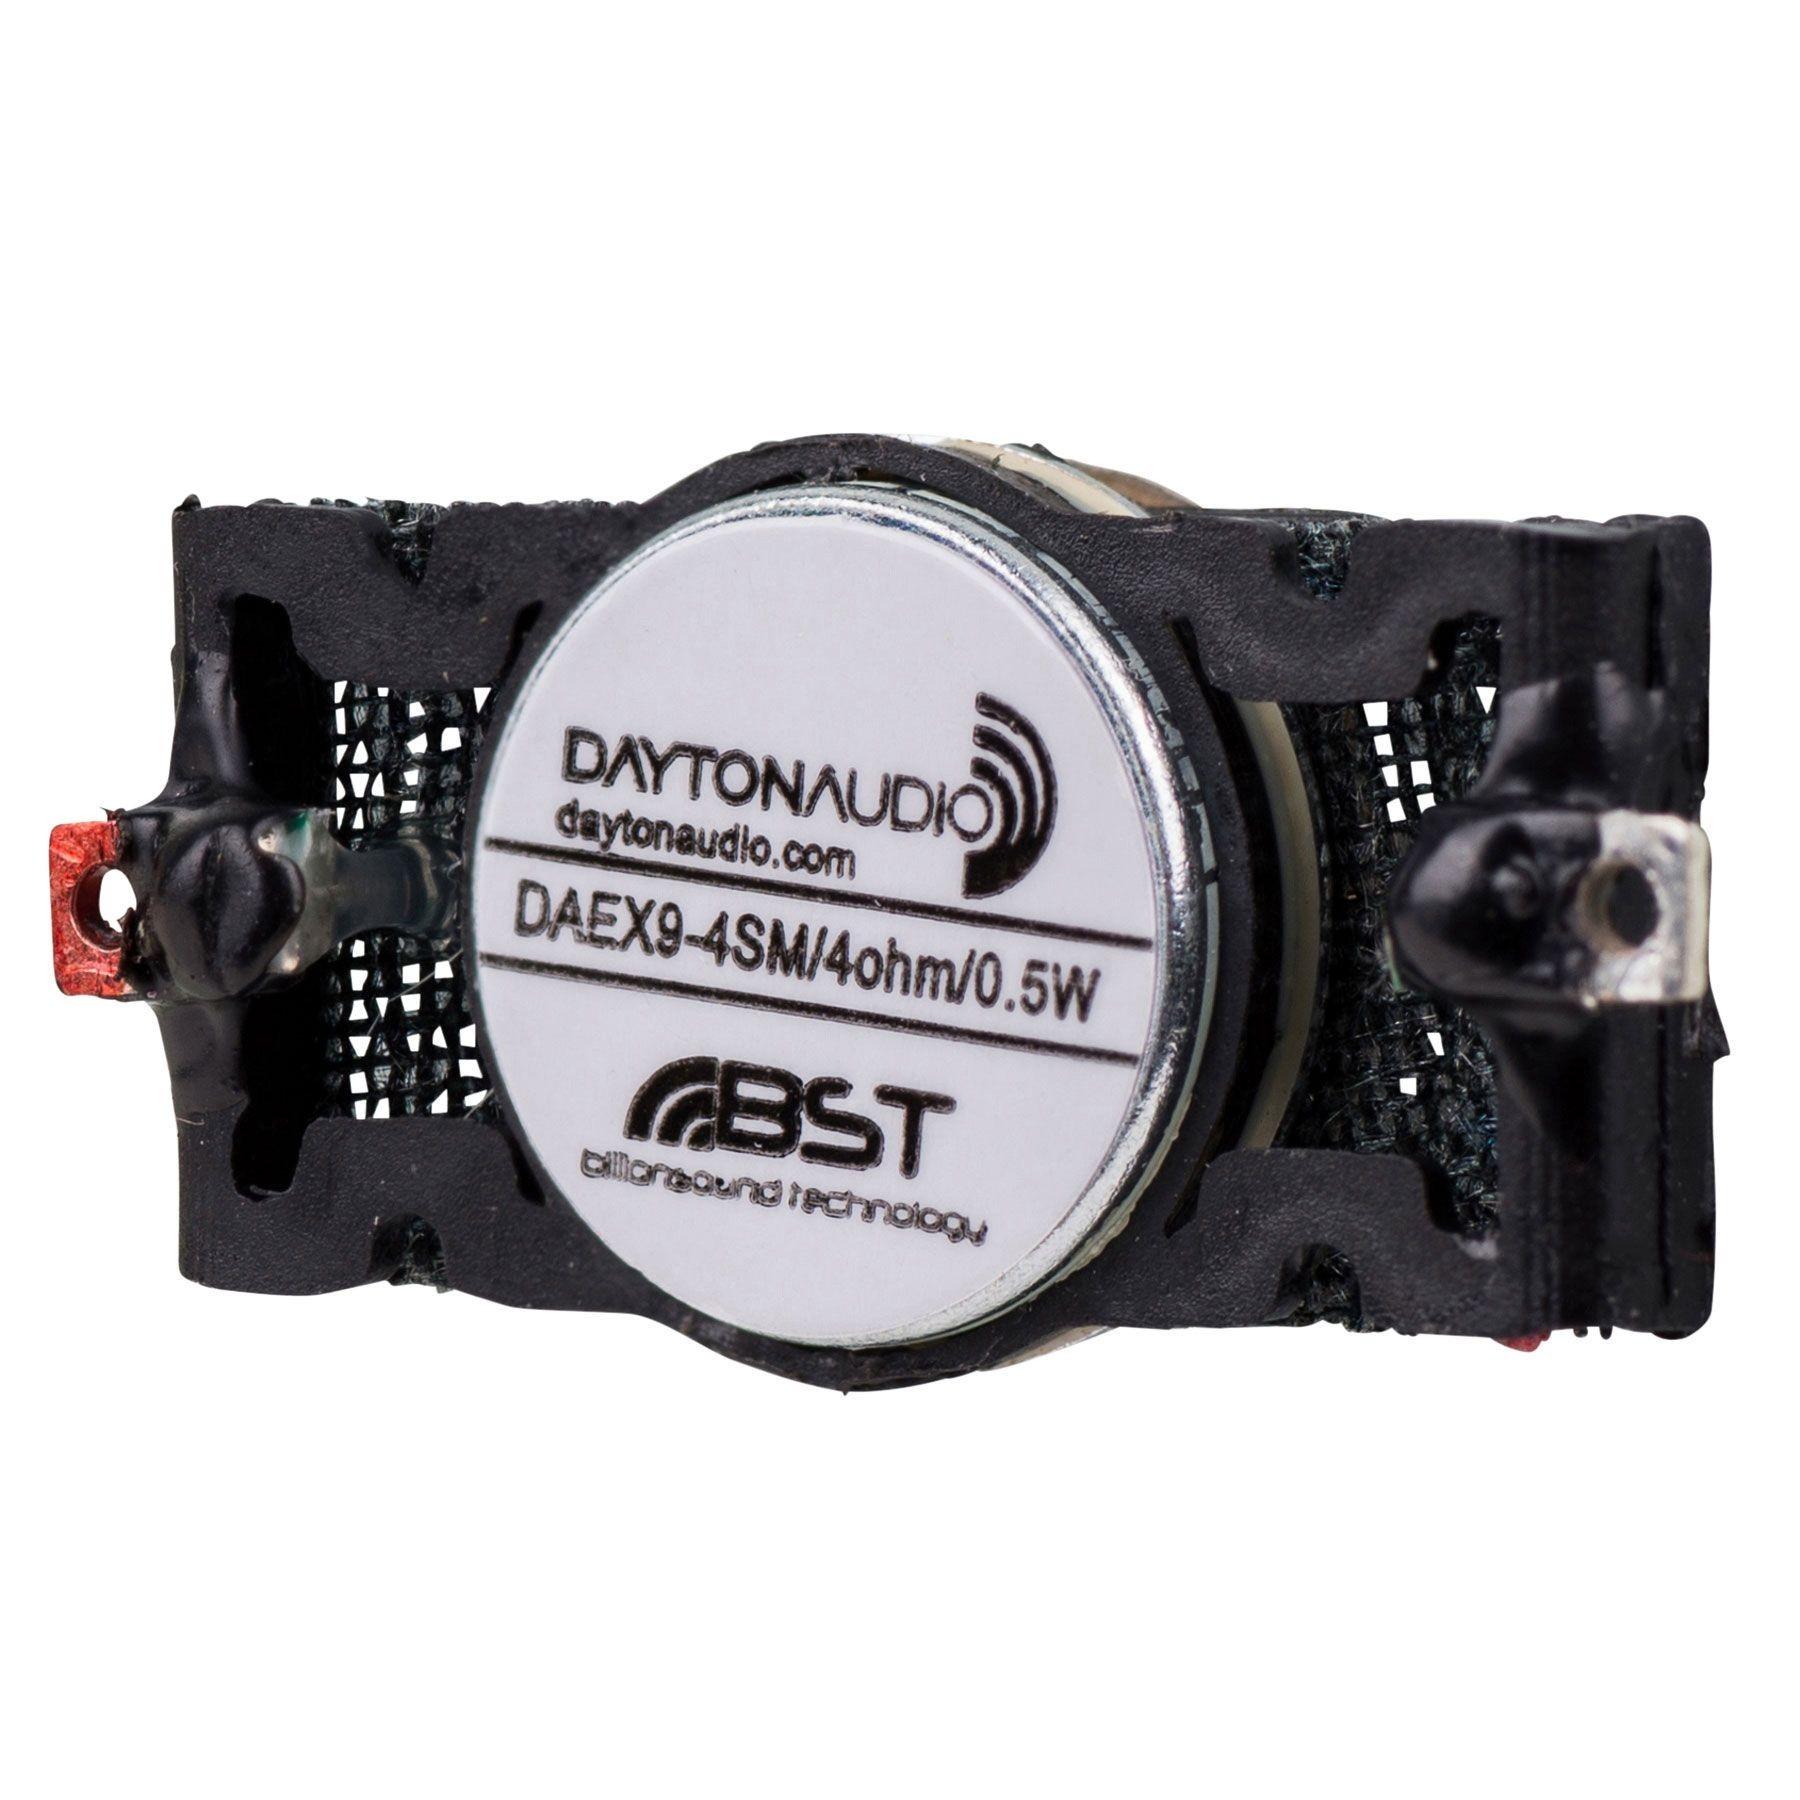 DAYTON AUDIO DAEX-9-4SM Haut-Parleur Mini Vibreur Exciter 1W 4 Ohm Ø9mm